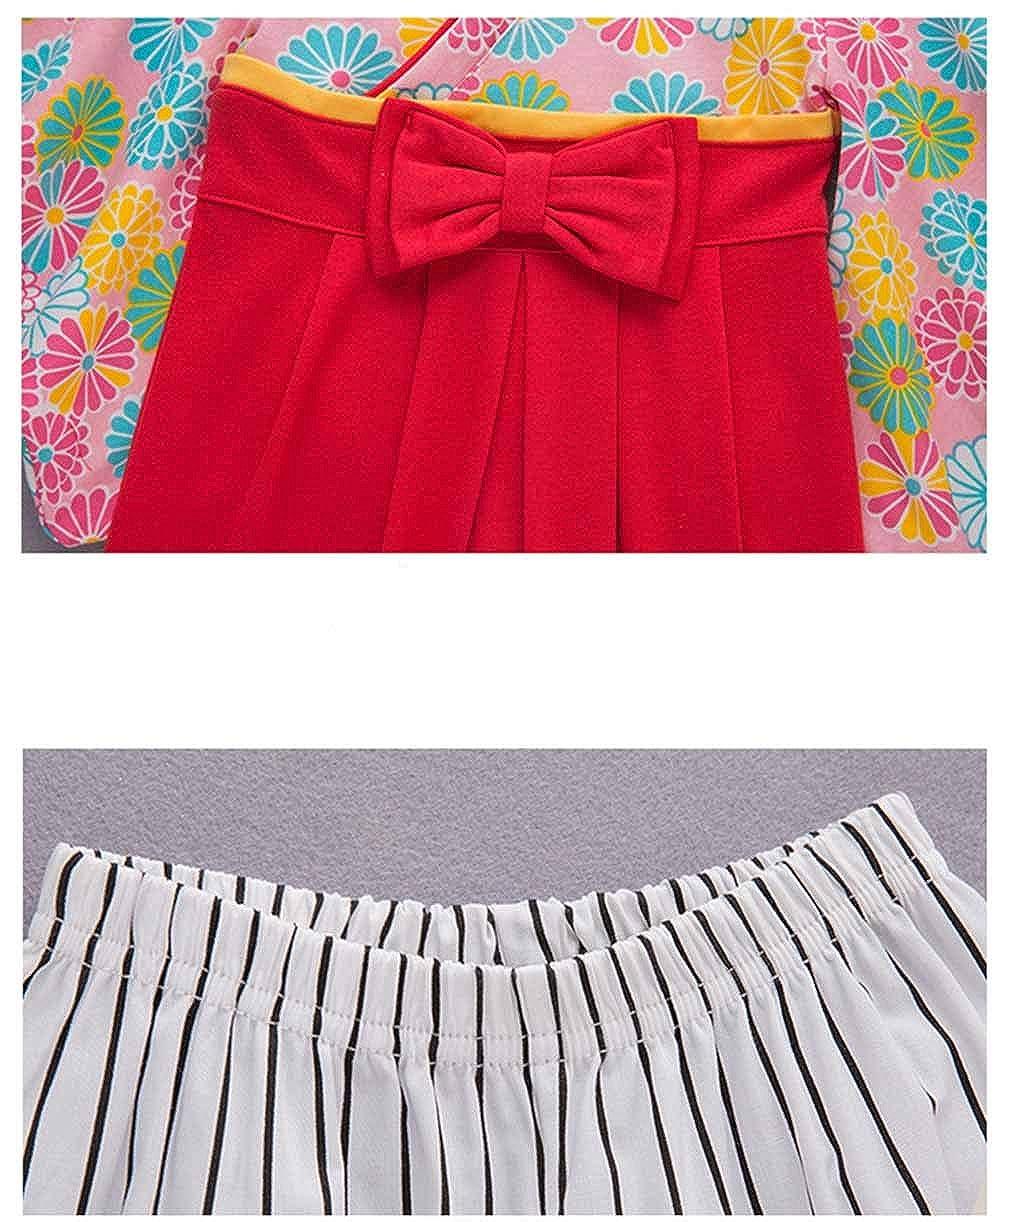 Les Filles /à Manches Longues Romper Gar/çons V/êtements de Style Japonais 70-95CM Enfant Combinaison B/éb/é Coton Kimono